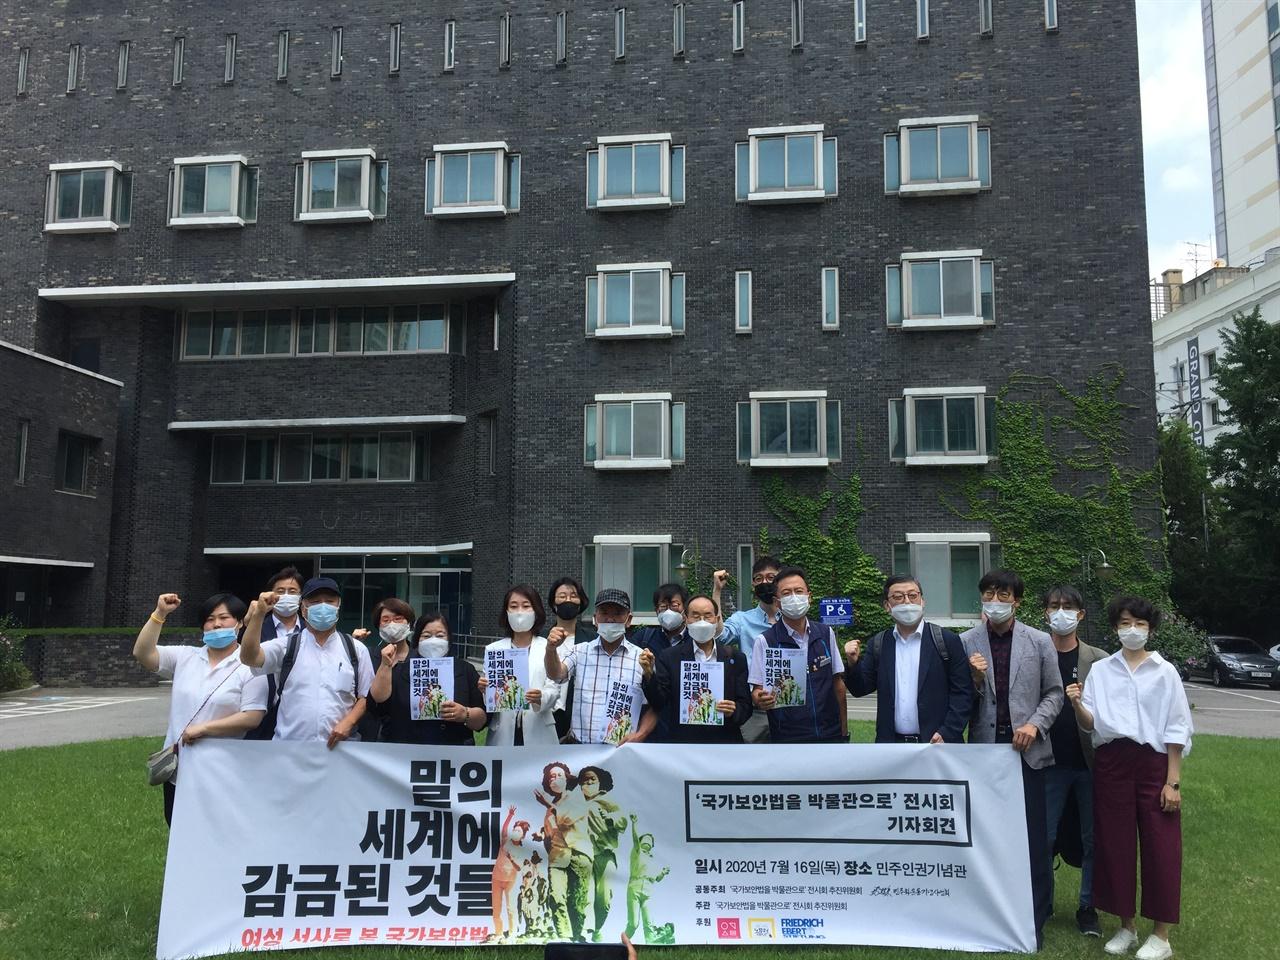 2020년 7월 16일 서울 남영동 민주인권기념관에서 열린 국가보안법 전시회